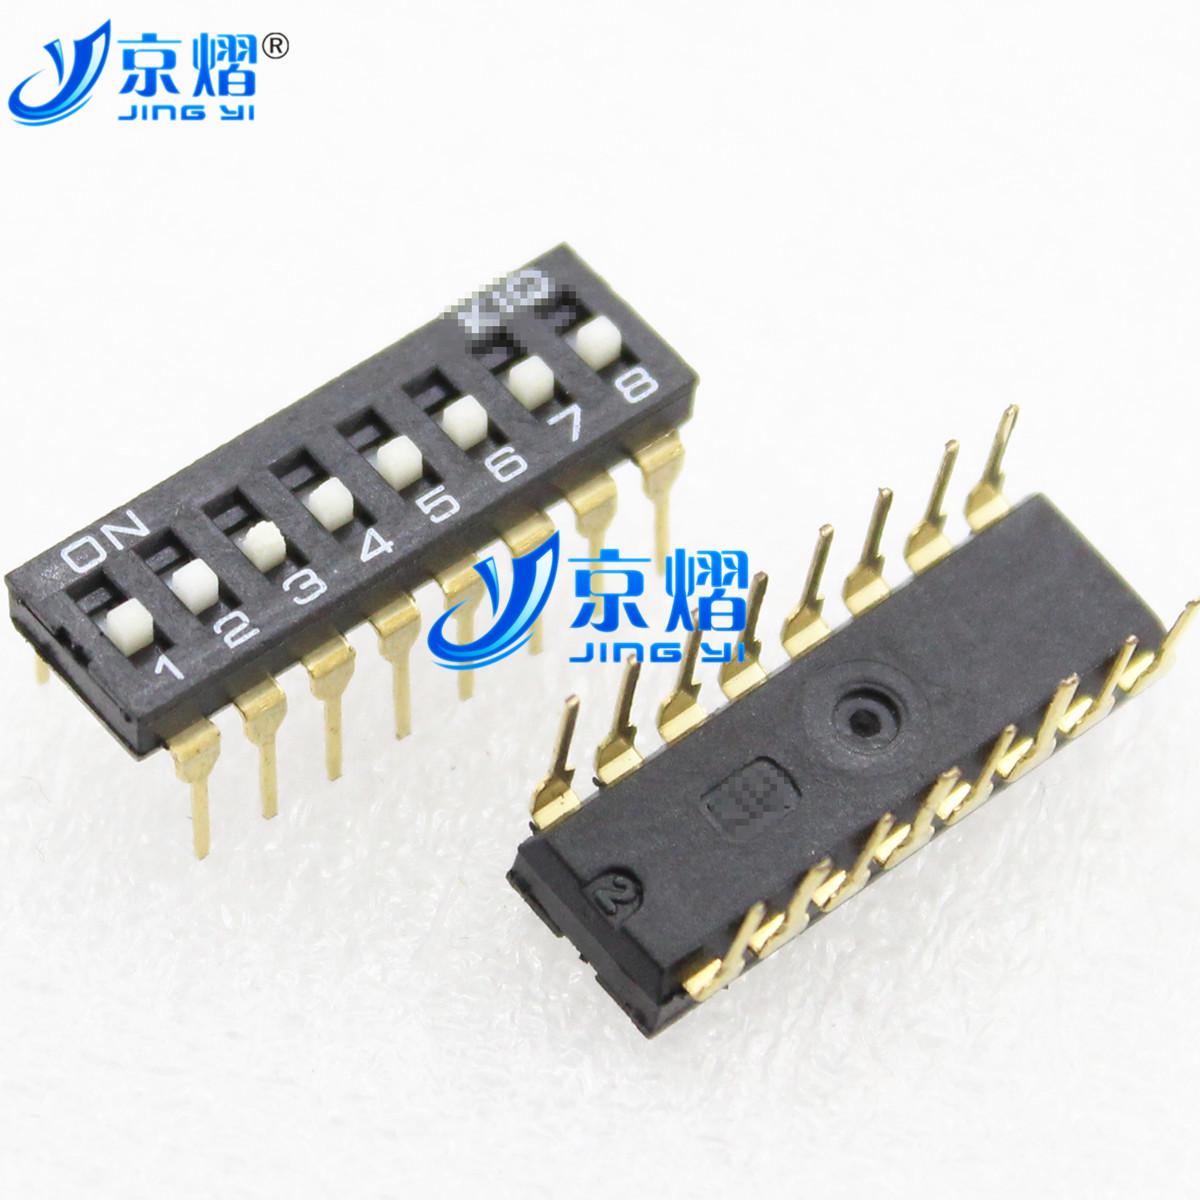 Разъём   8P-2.54MM DIP 10 3b0365 dip 8